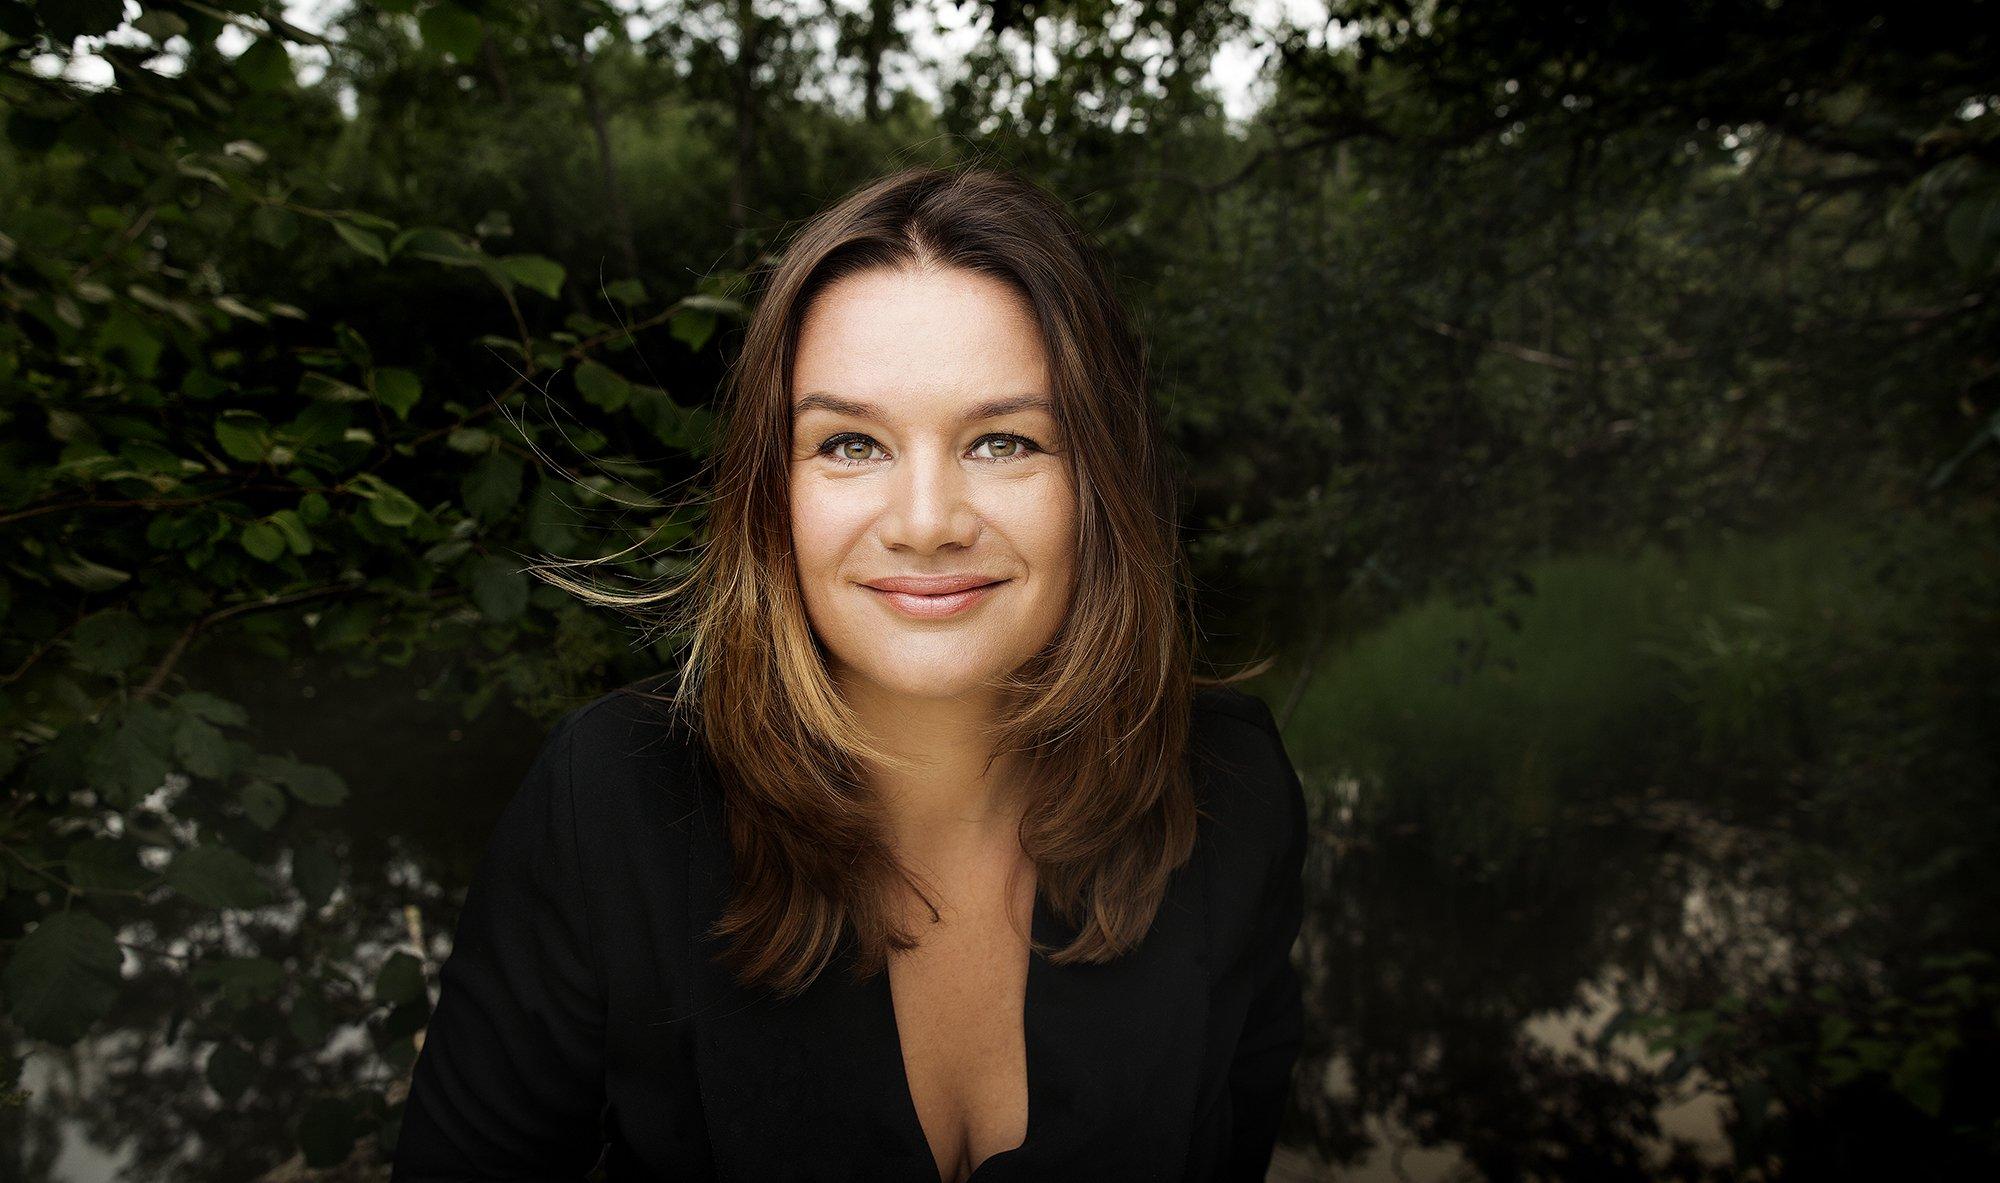 Bilete av forfattar Ruth Lillegraven.